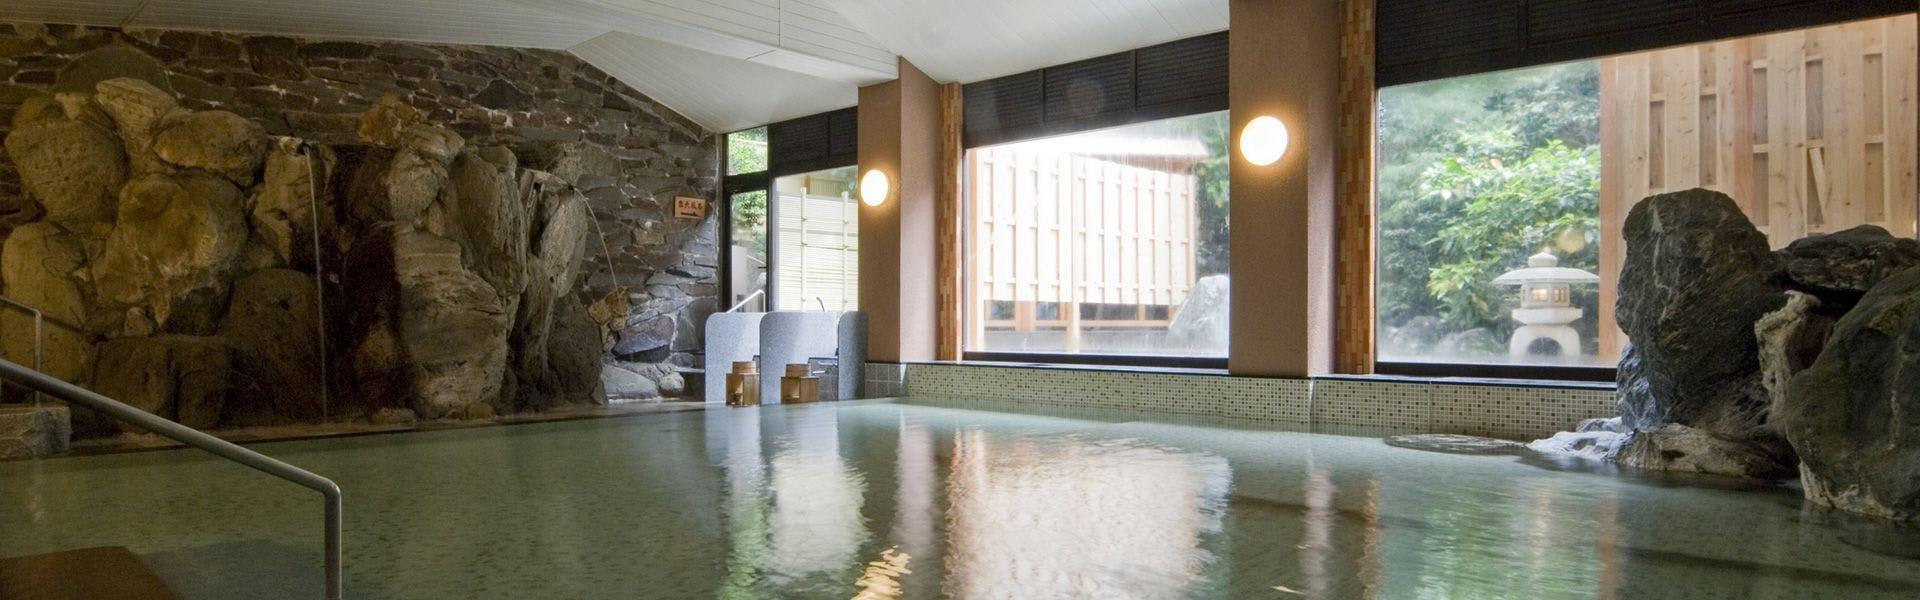 記念日におすすめのホテル・【伊東小涌園】 の空室状況を確認するの写真2